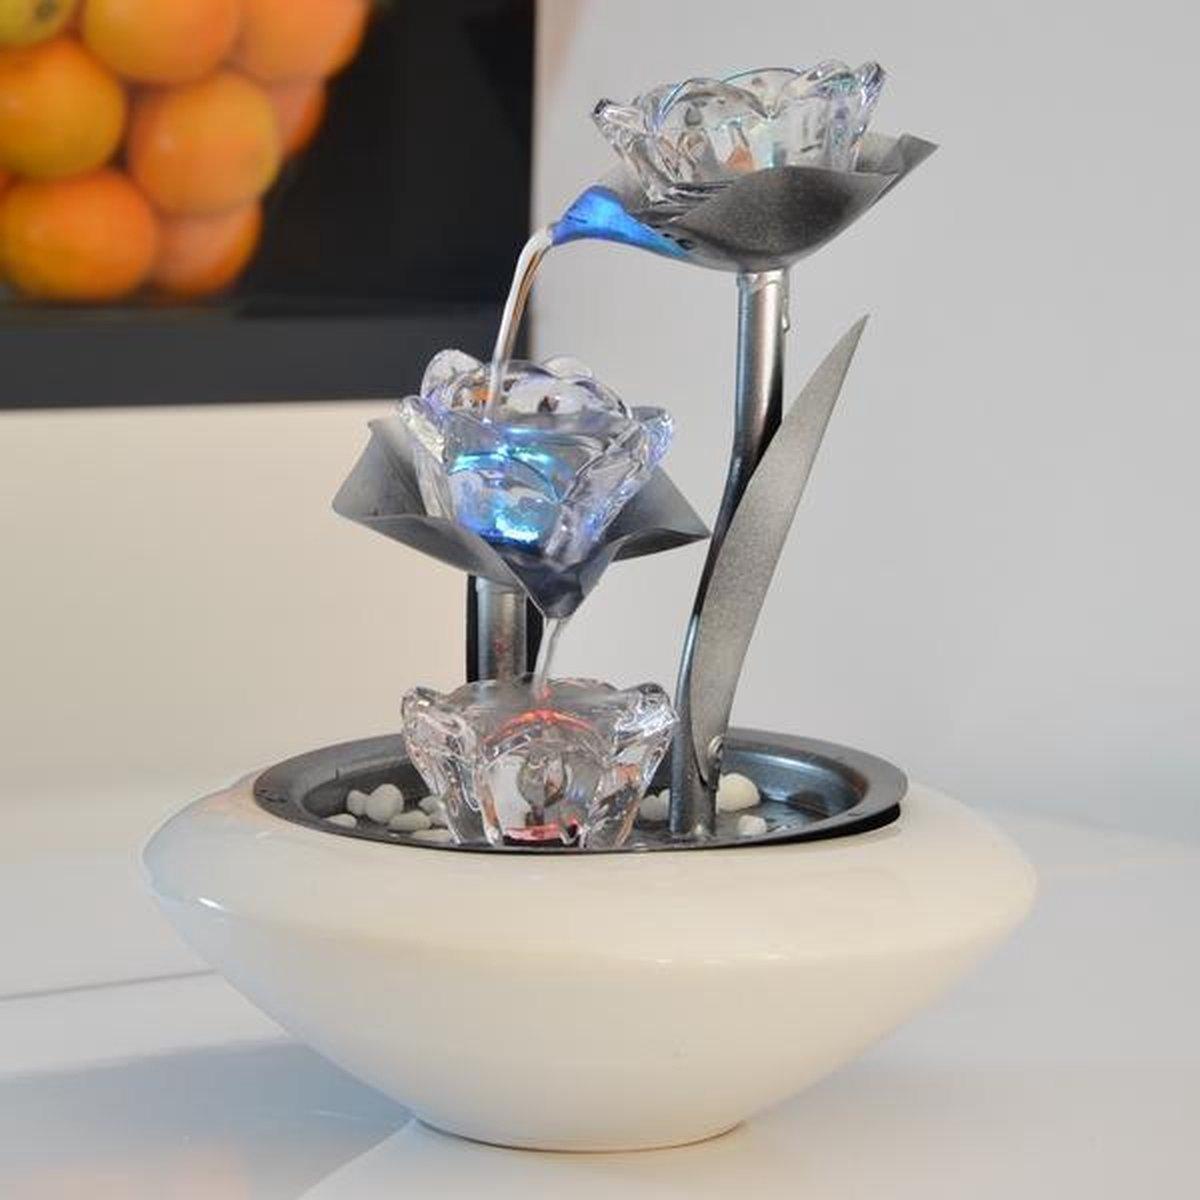 Cristal Line Floréa 28 cm - fontein - interieur - fontein voor binnen - relaxeer - zen - waterornament - cadeau - geschenk - verjaardag - kerst - nieuwjaar - origineel - lente - zomer - lentecollectie - zomercollectie - afkoeling - koelte